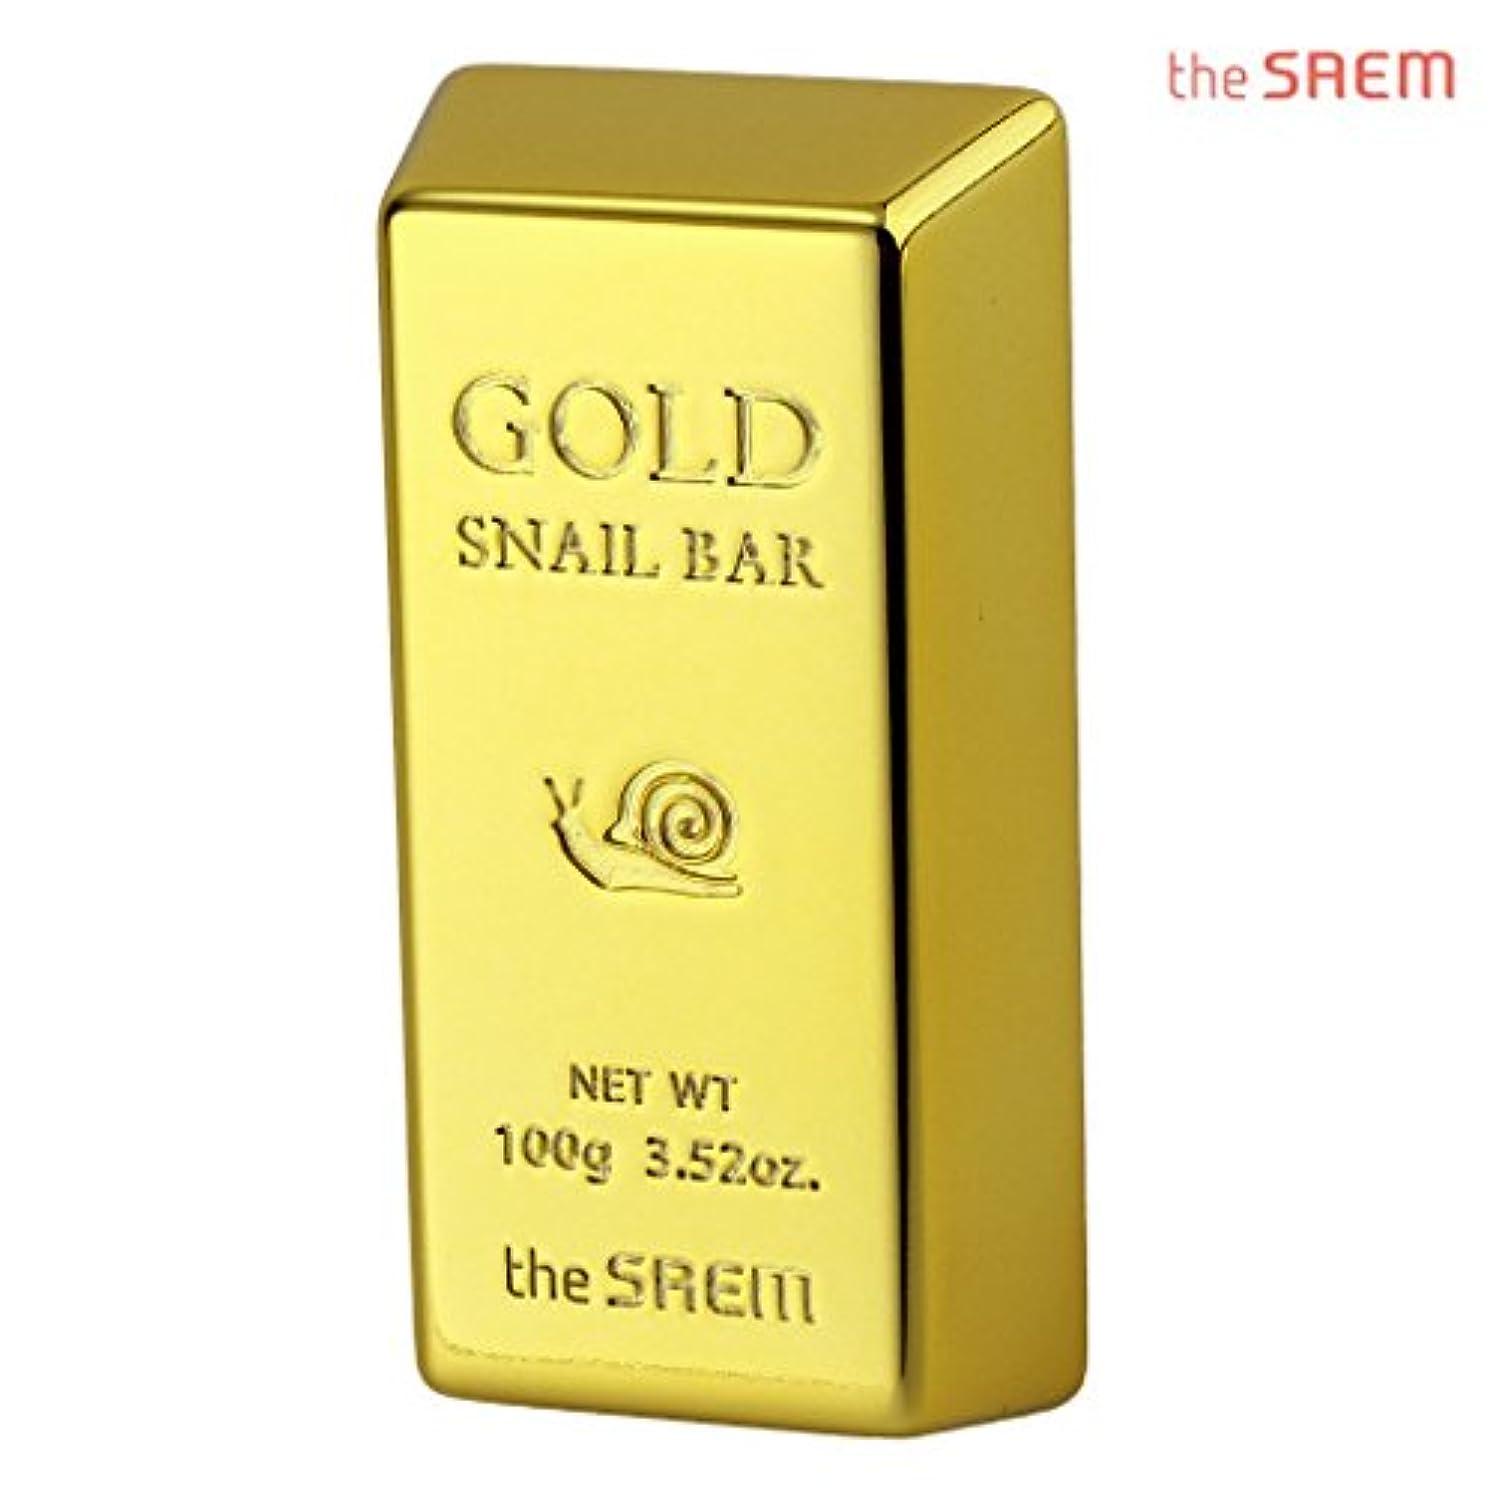 鼓舞する熱望する受粉するThe Saem 24K gold snail premium facial soap セーム24Kゴールドカタツムリプレミアムフェイシャルソープ 石鹸 (100g) [海外直送品]